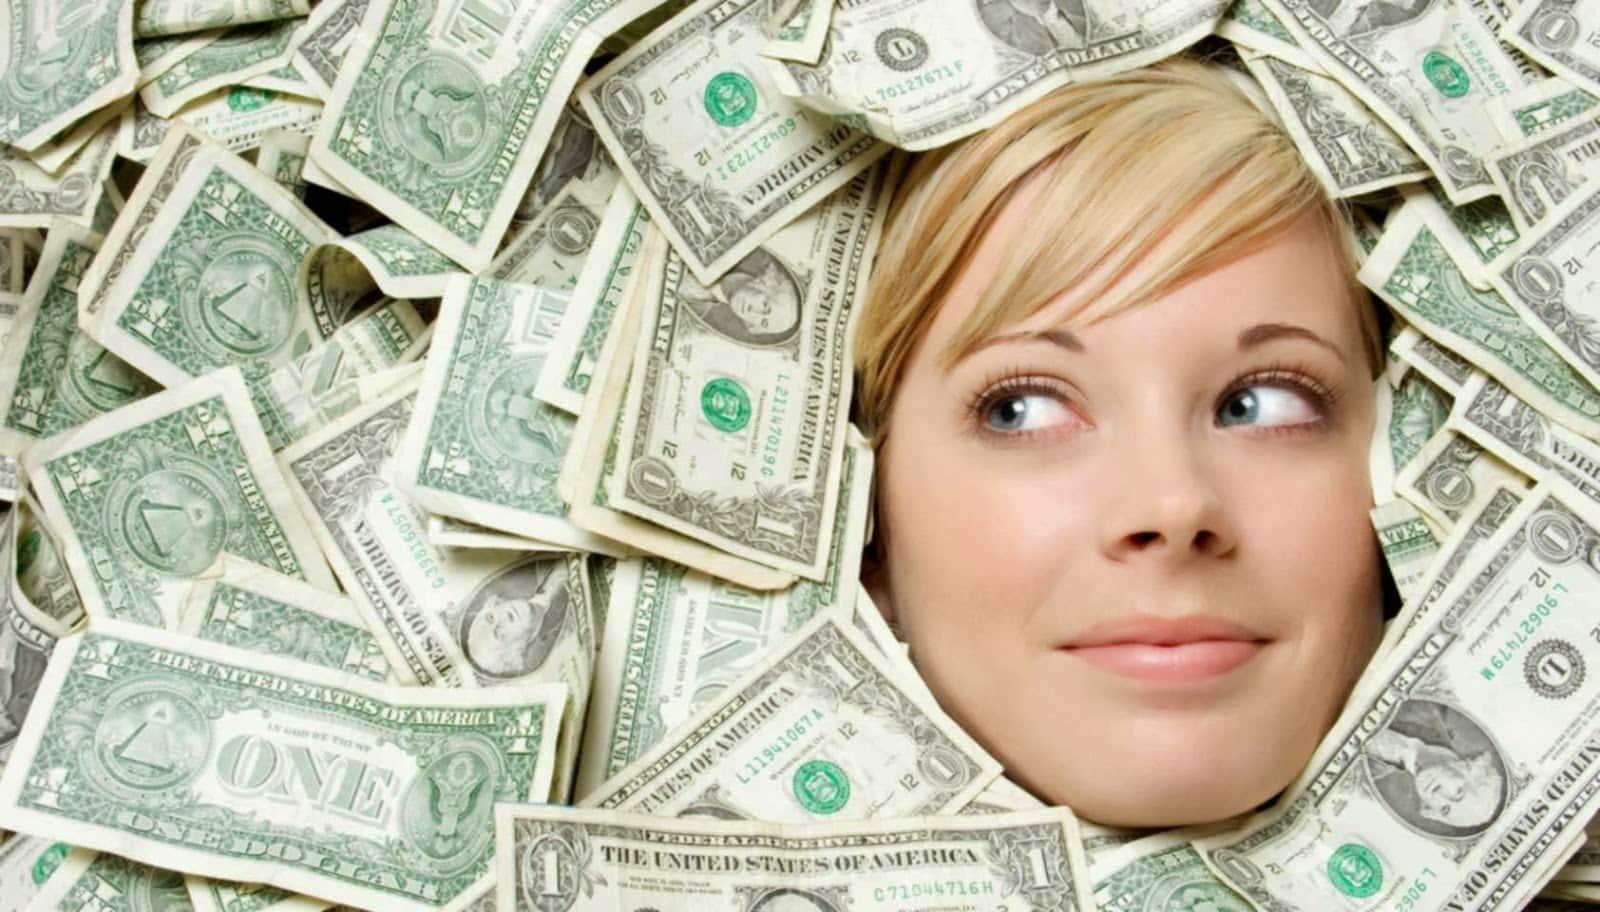 Giữ tiền để hướng đến sự giàu sang